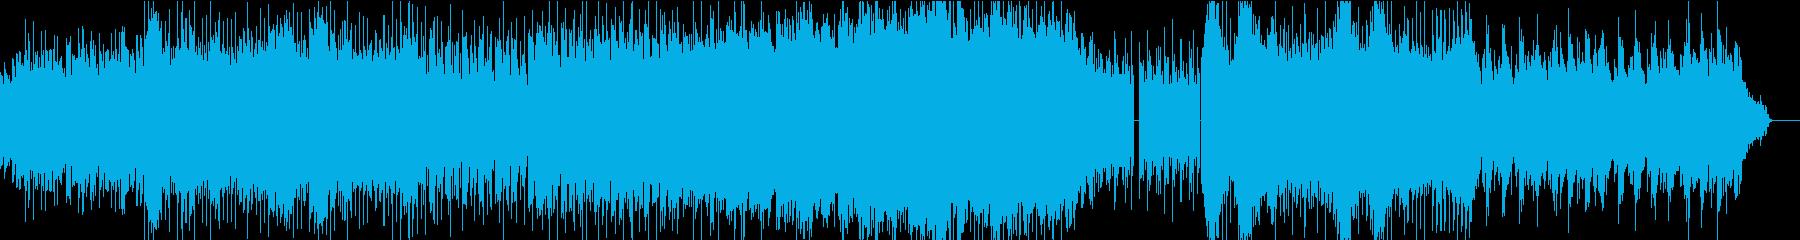 ノリノリメロディアス爽やかシンセポップの再生済みの波形